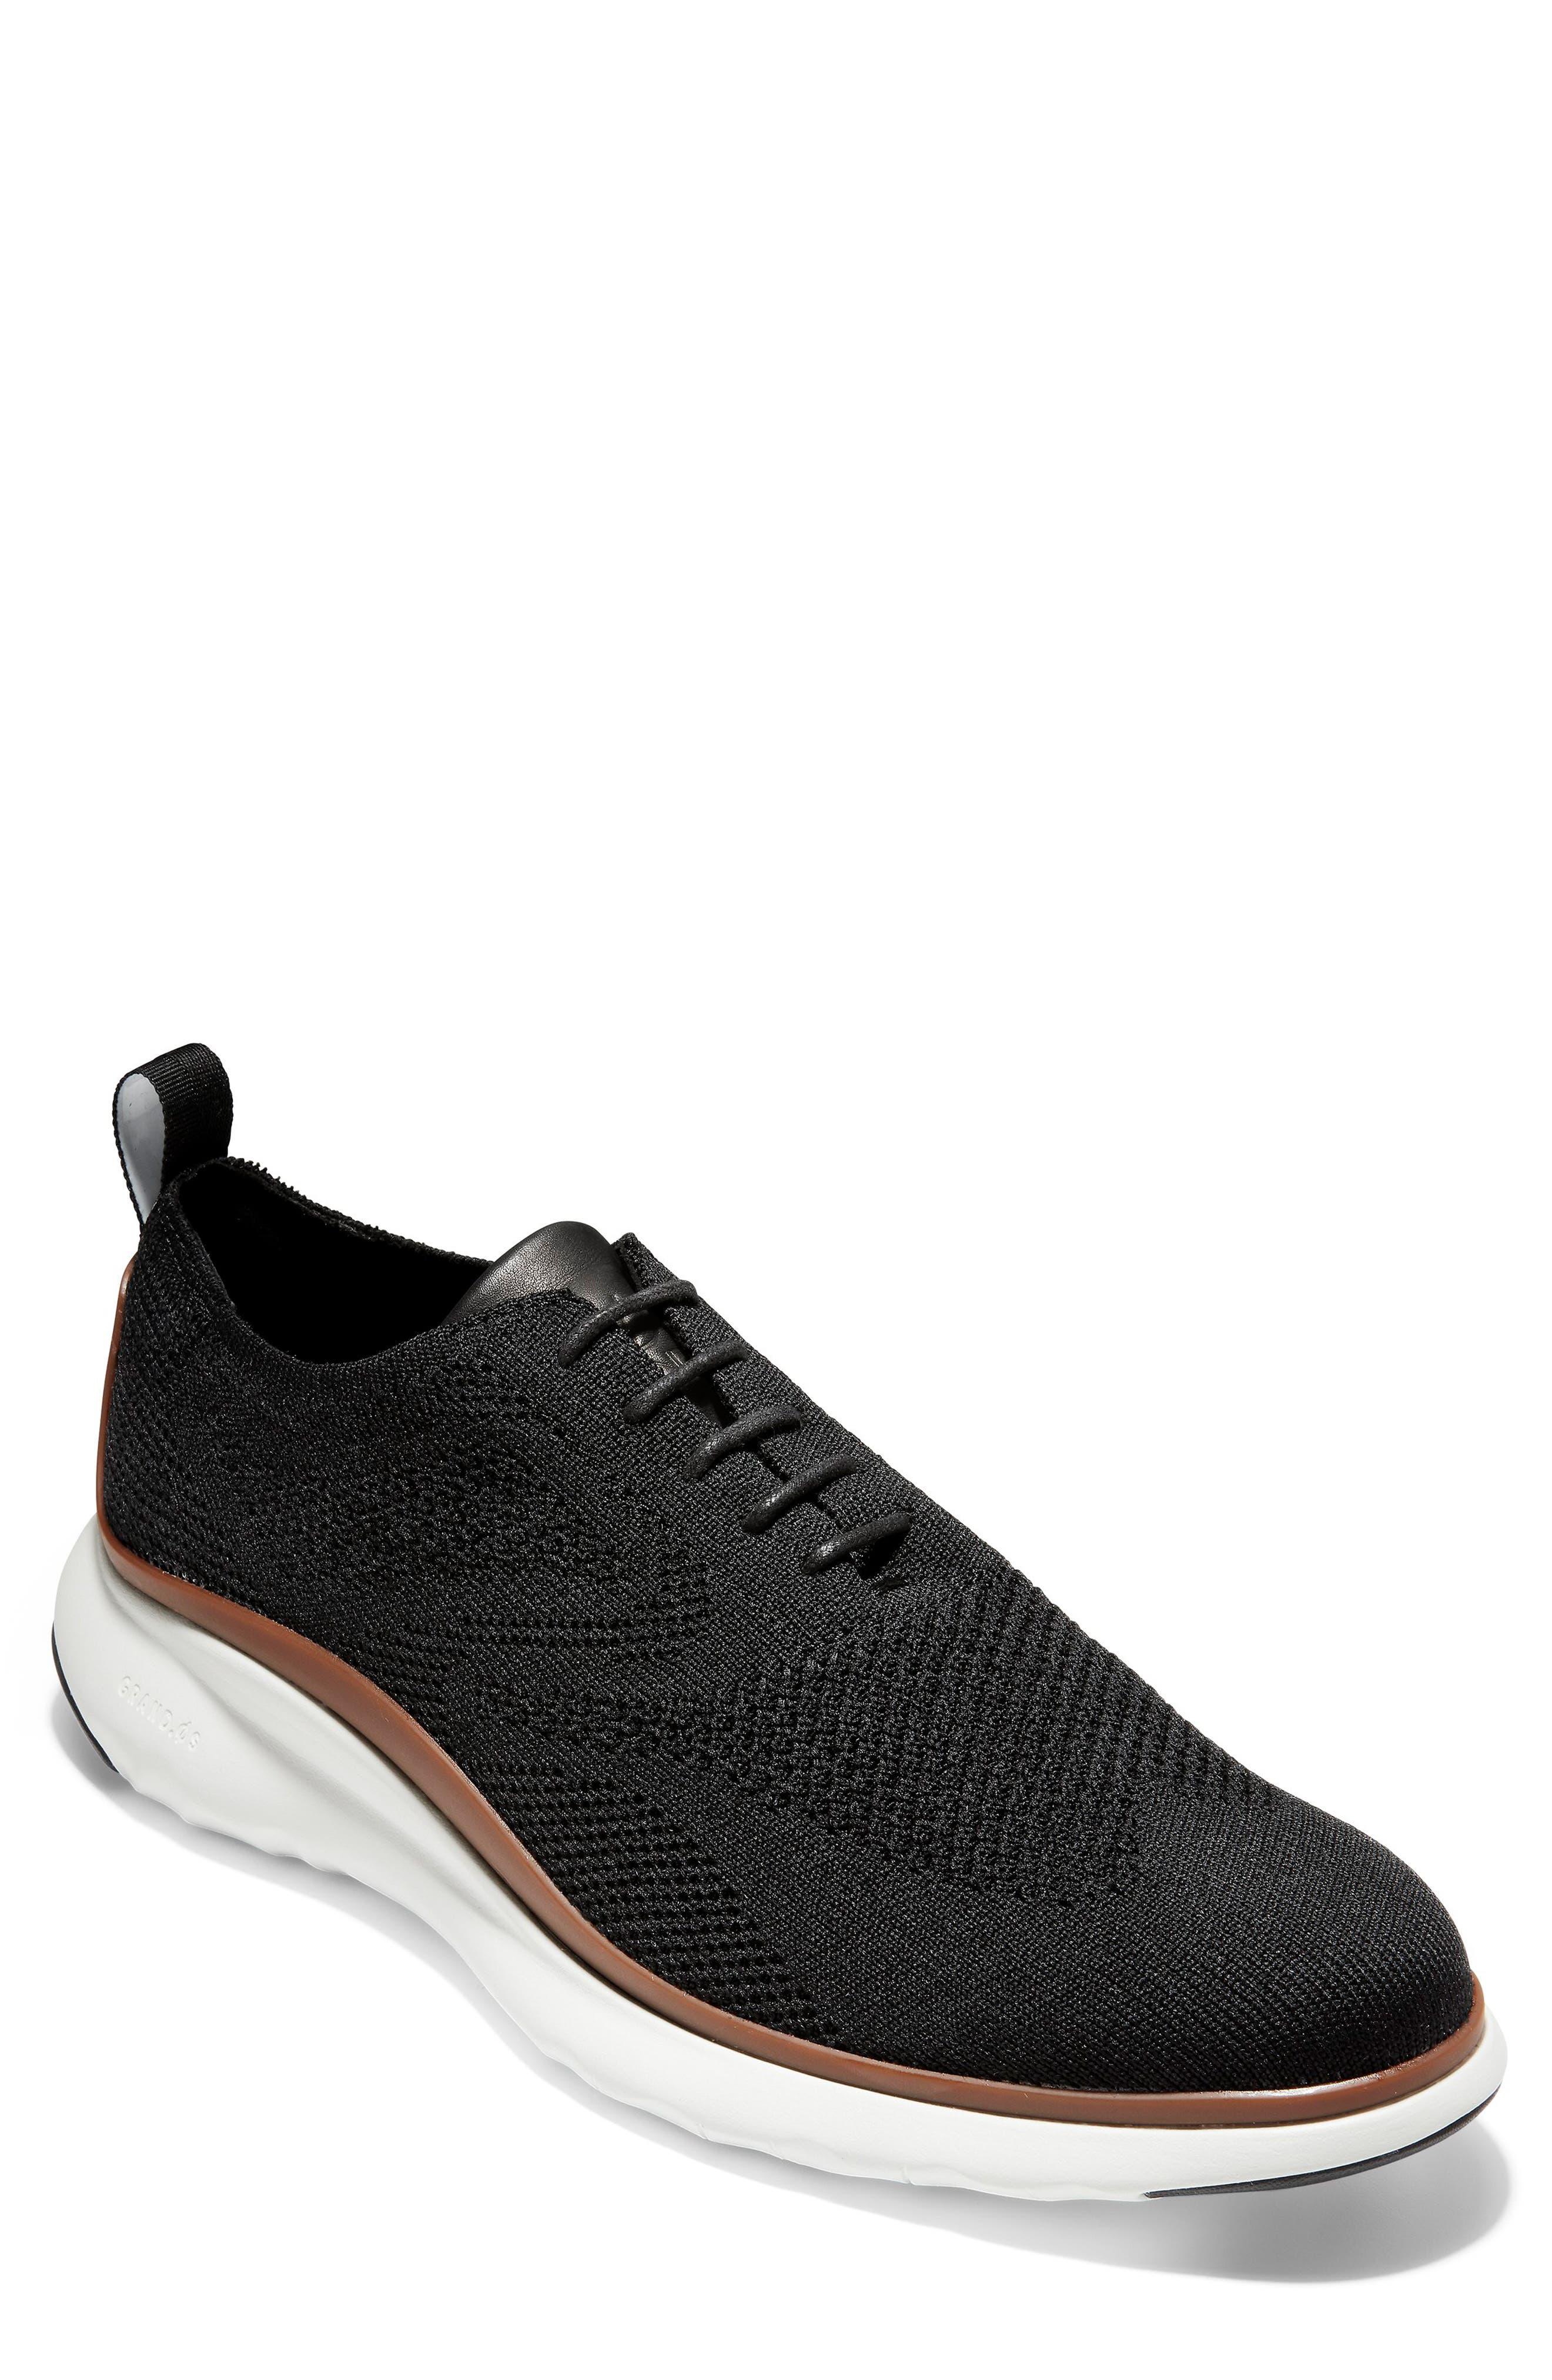 cohan shoes sale